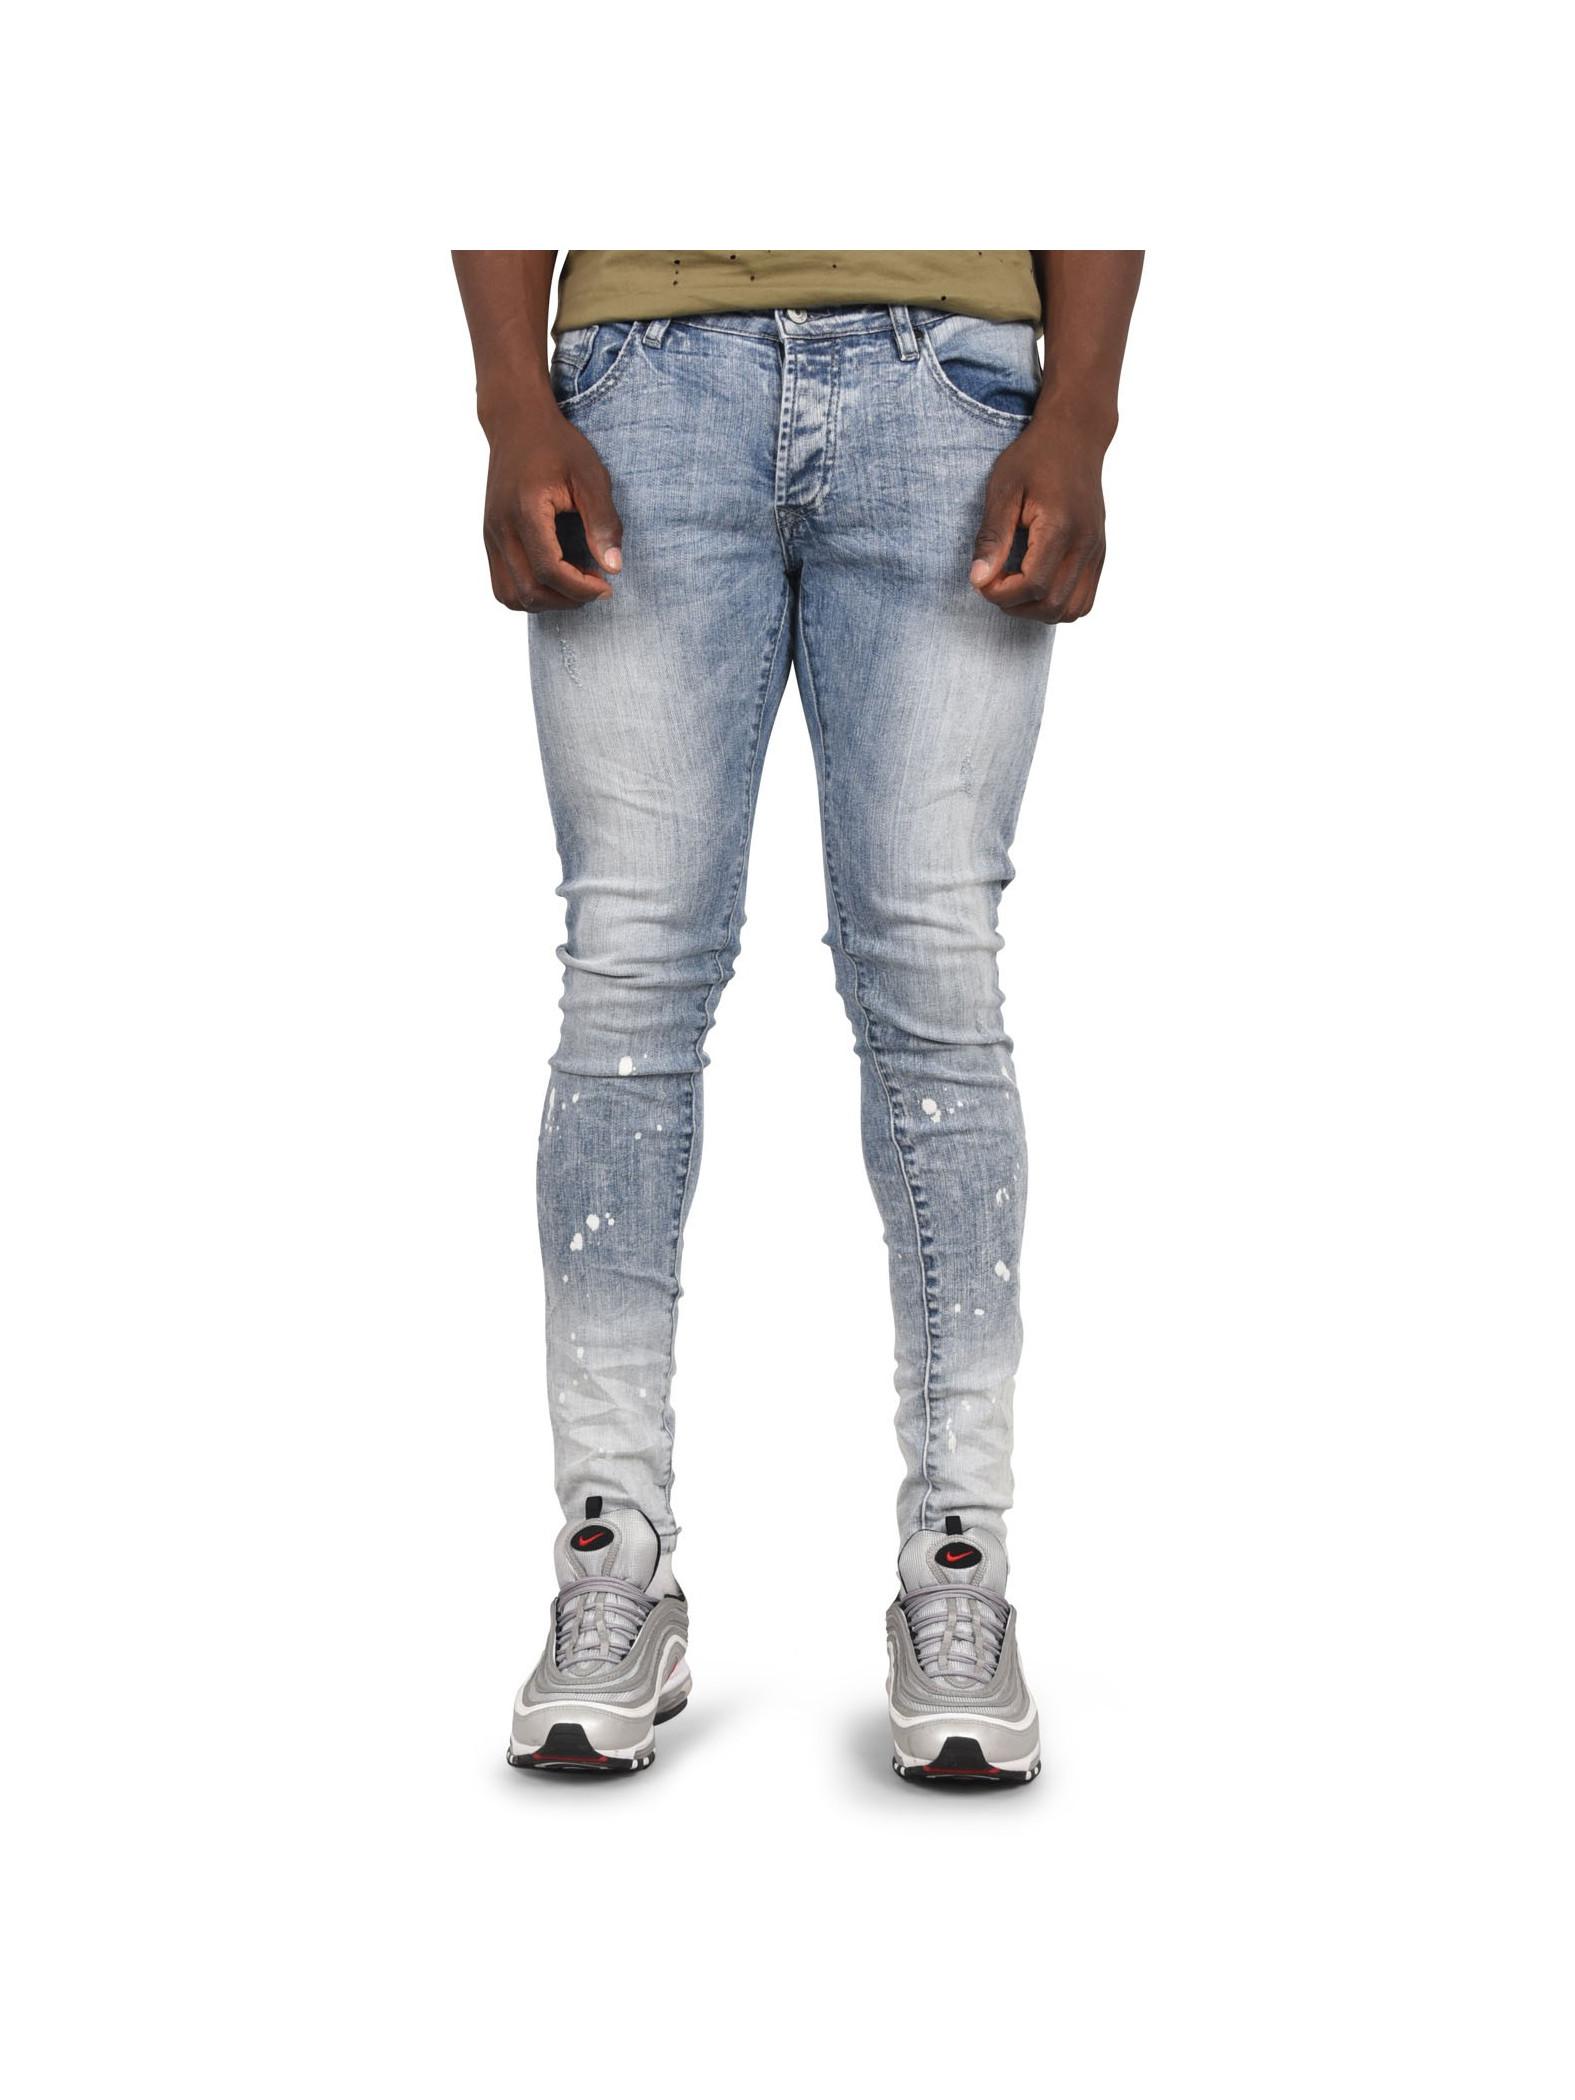 Jean Effet Tacheté Dye X Paris Homme Et Project And Skinny Tie wT45qrwCx